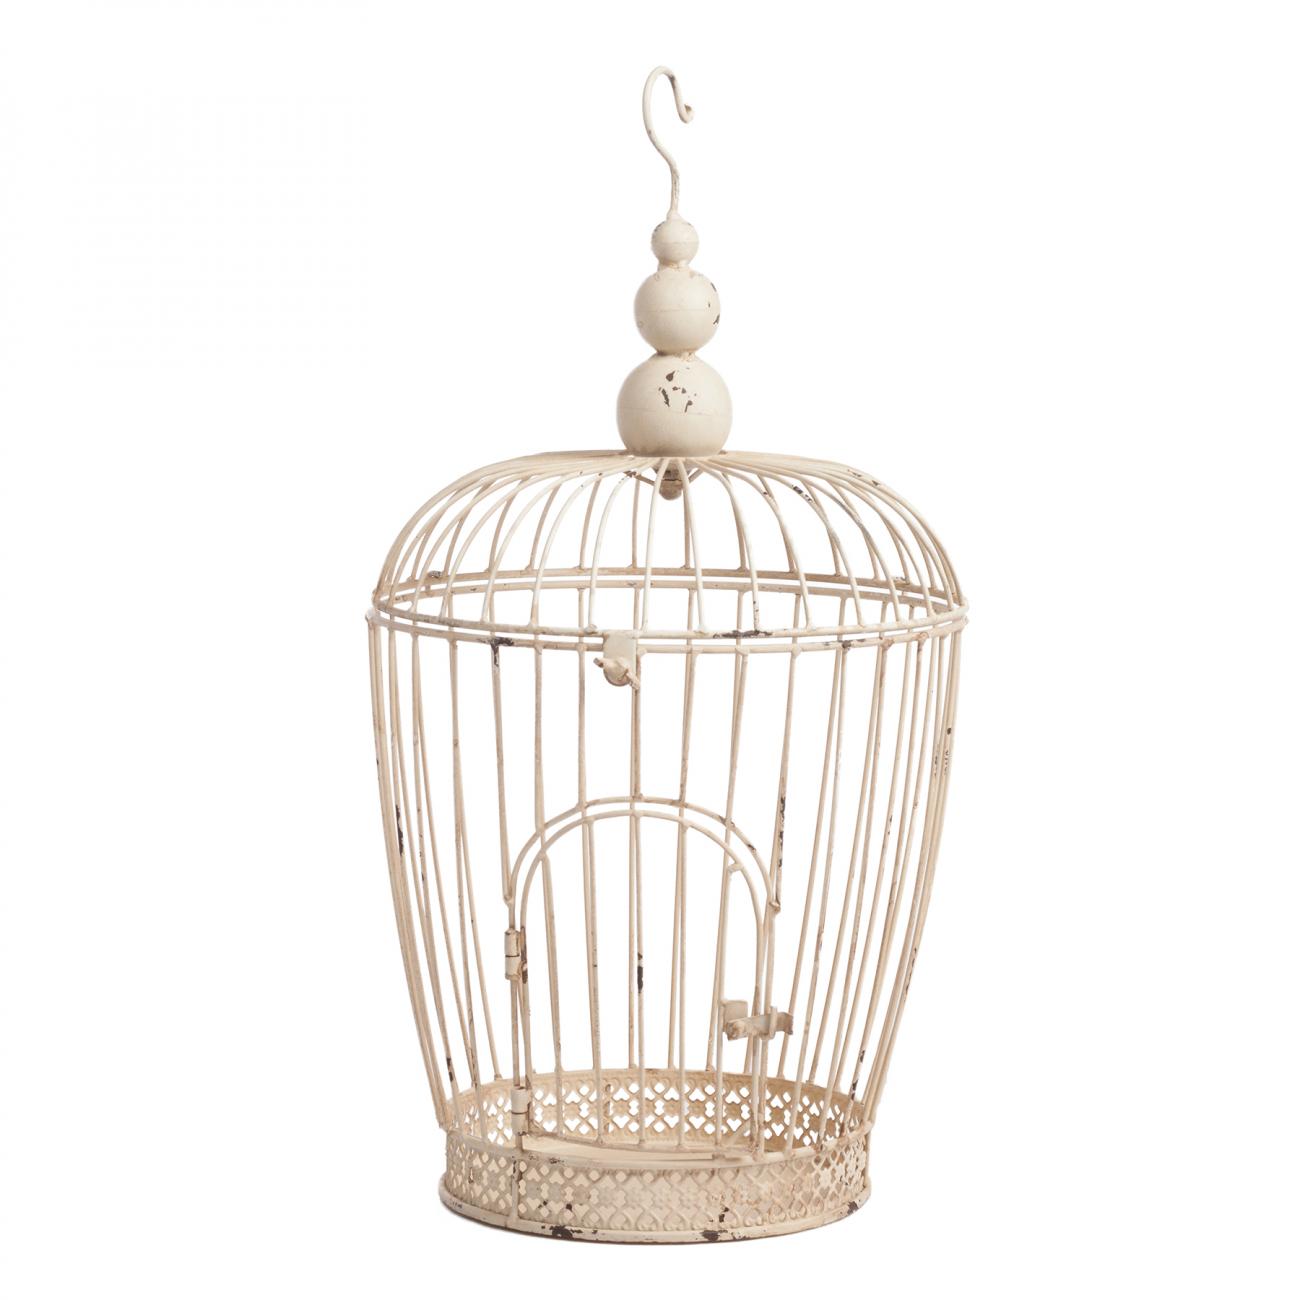 Купить Декоративная клетка Newbury Маленькая Кремовая в интернет магазине дизайнерской мебели и аксессуаров для дома и дачи